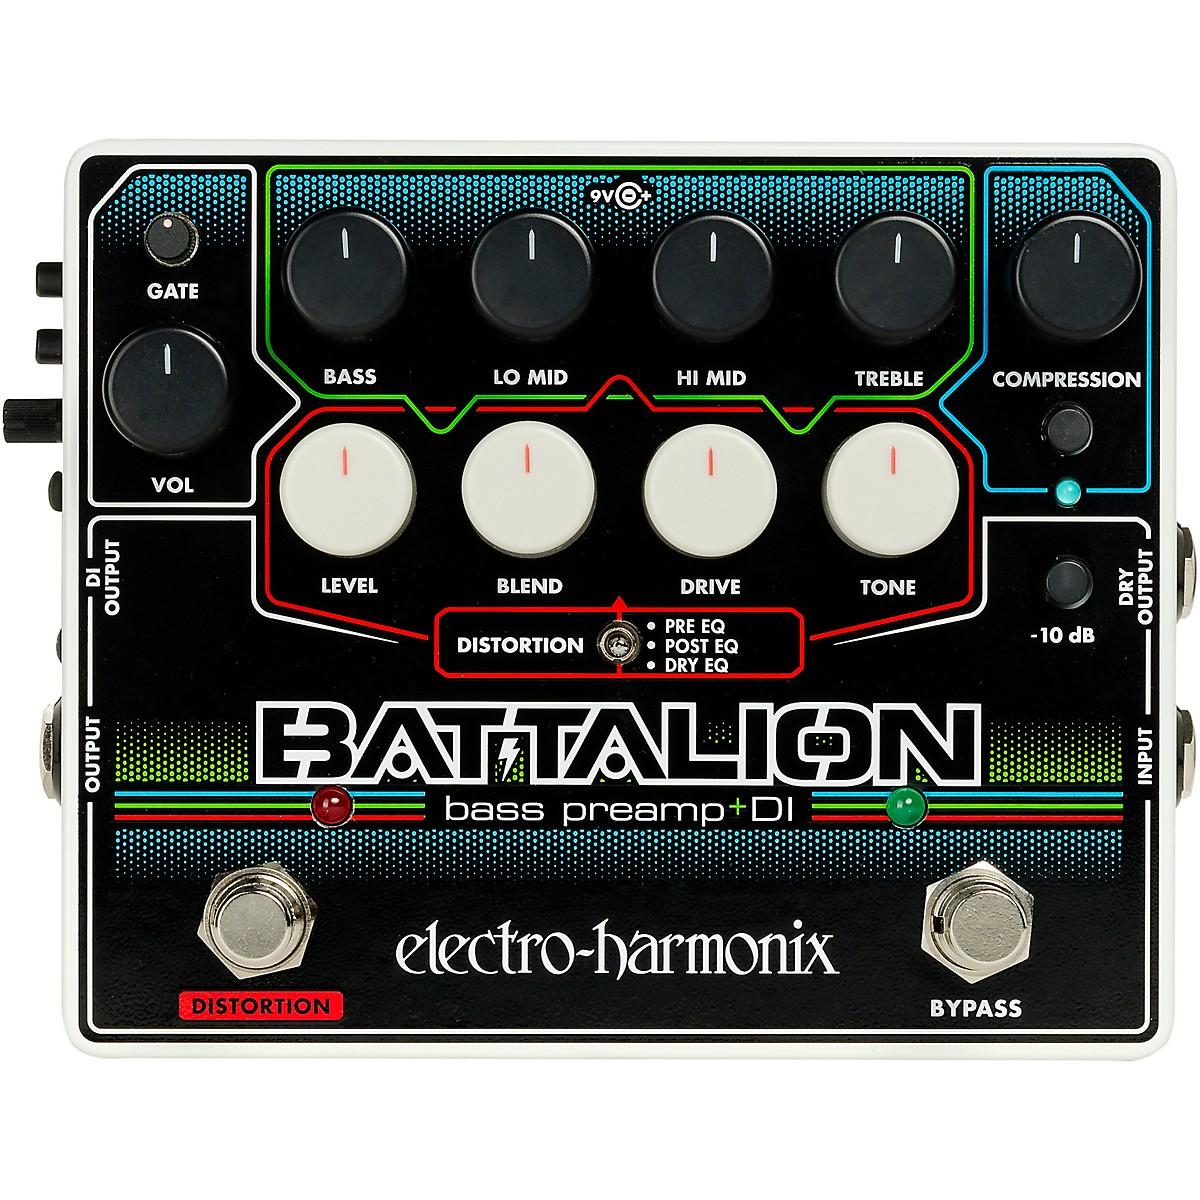 Electro-Harmonix Battalion Bass Preamp and DI Pedal